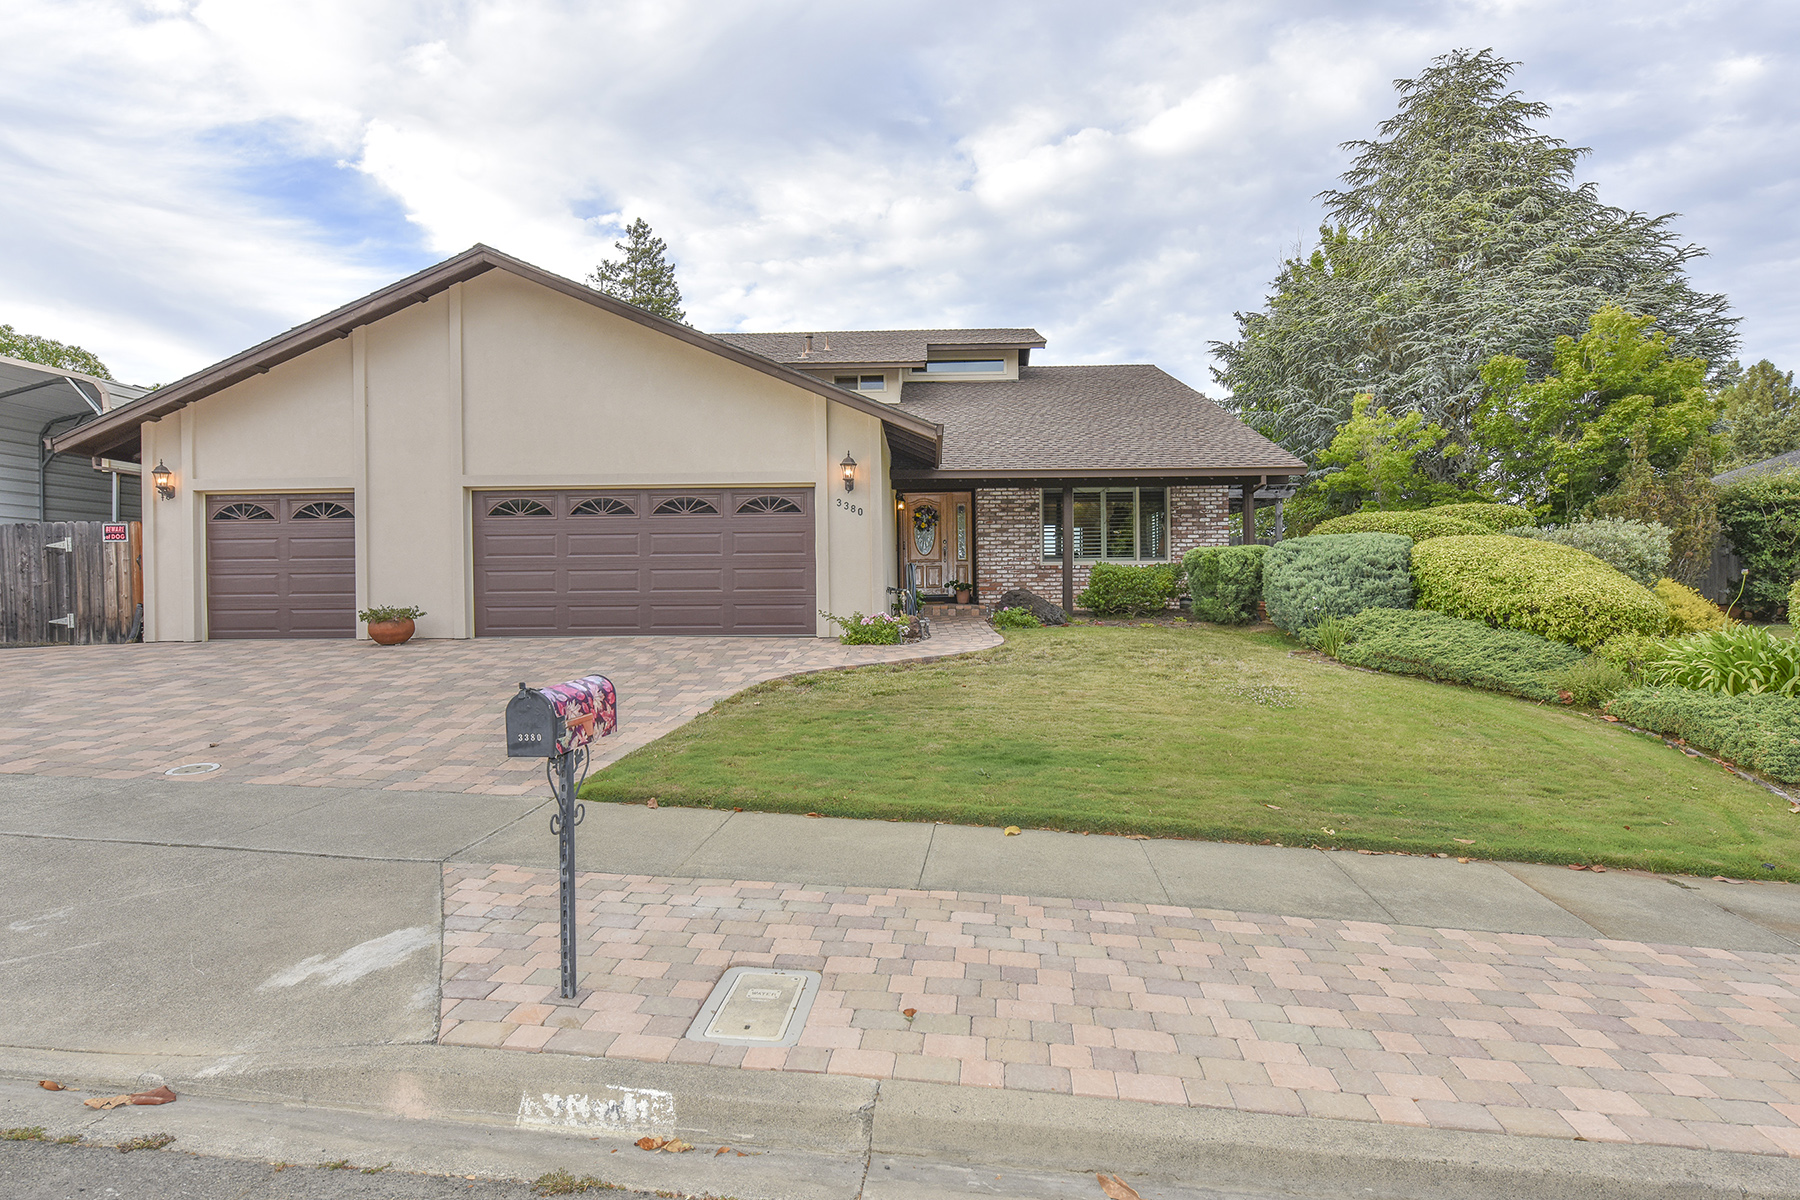 Casa Unifamiliar por un Venta en 3380 Crestview Way, Napa, CA 94558 3380 Crestview Way Napa, California, 94558 Estados Unidos